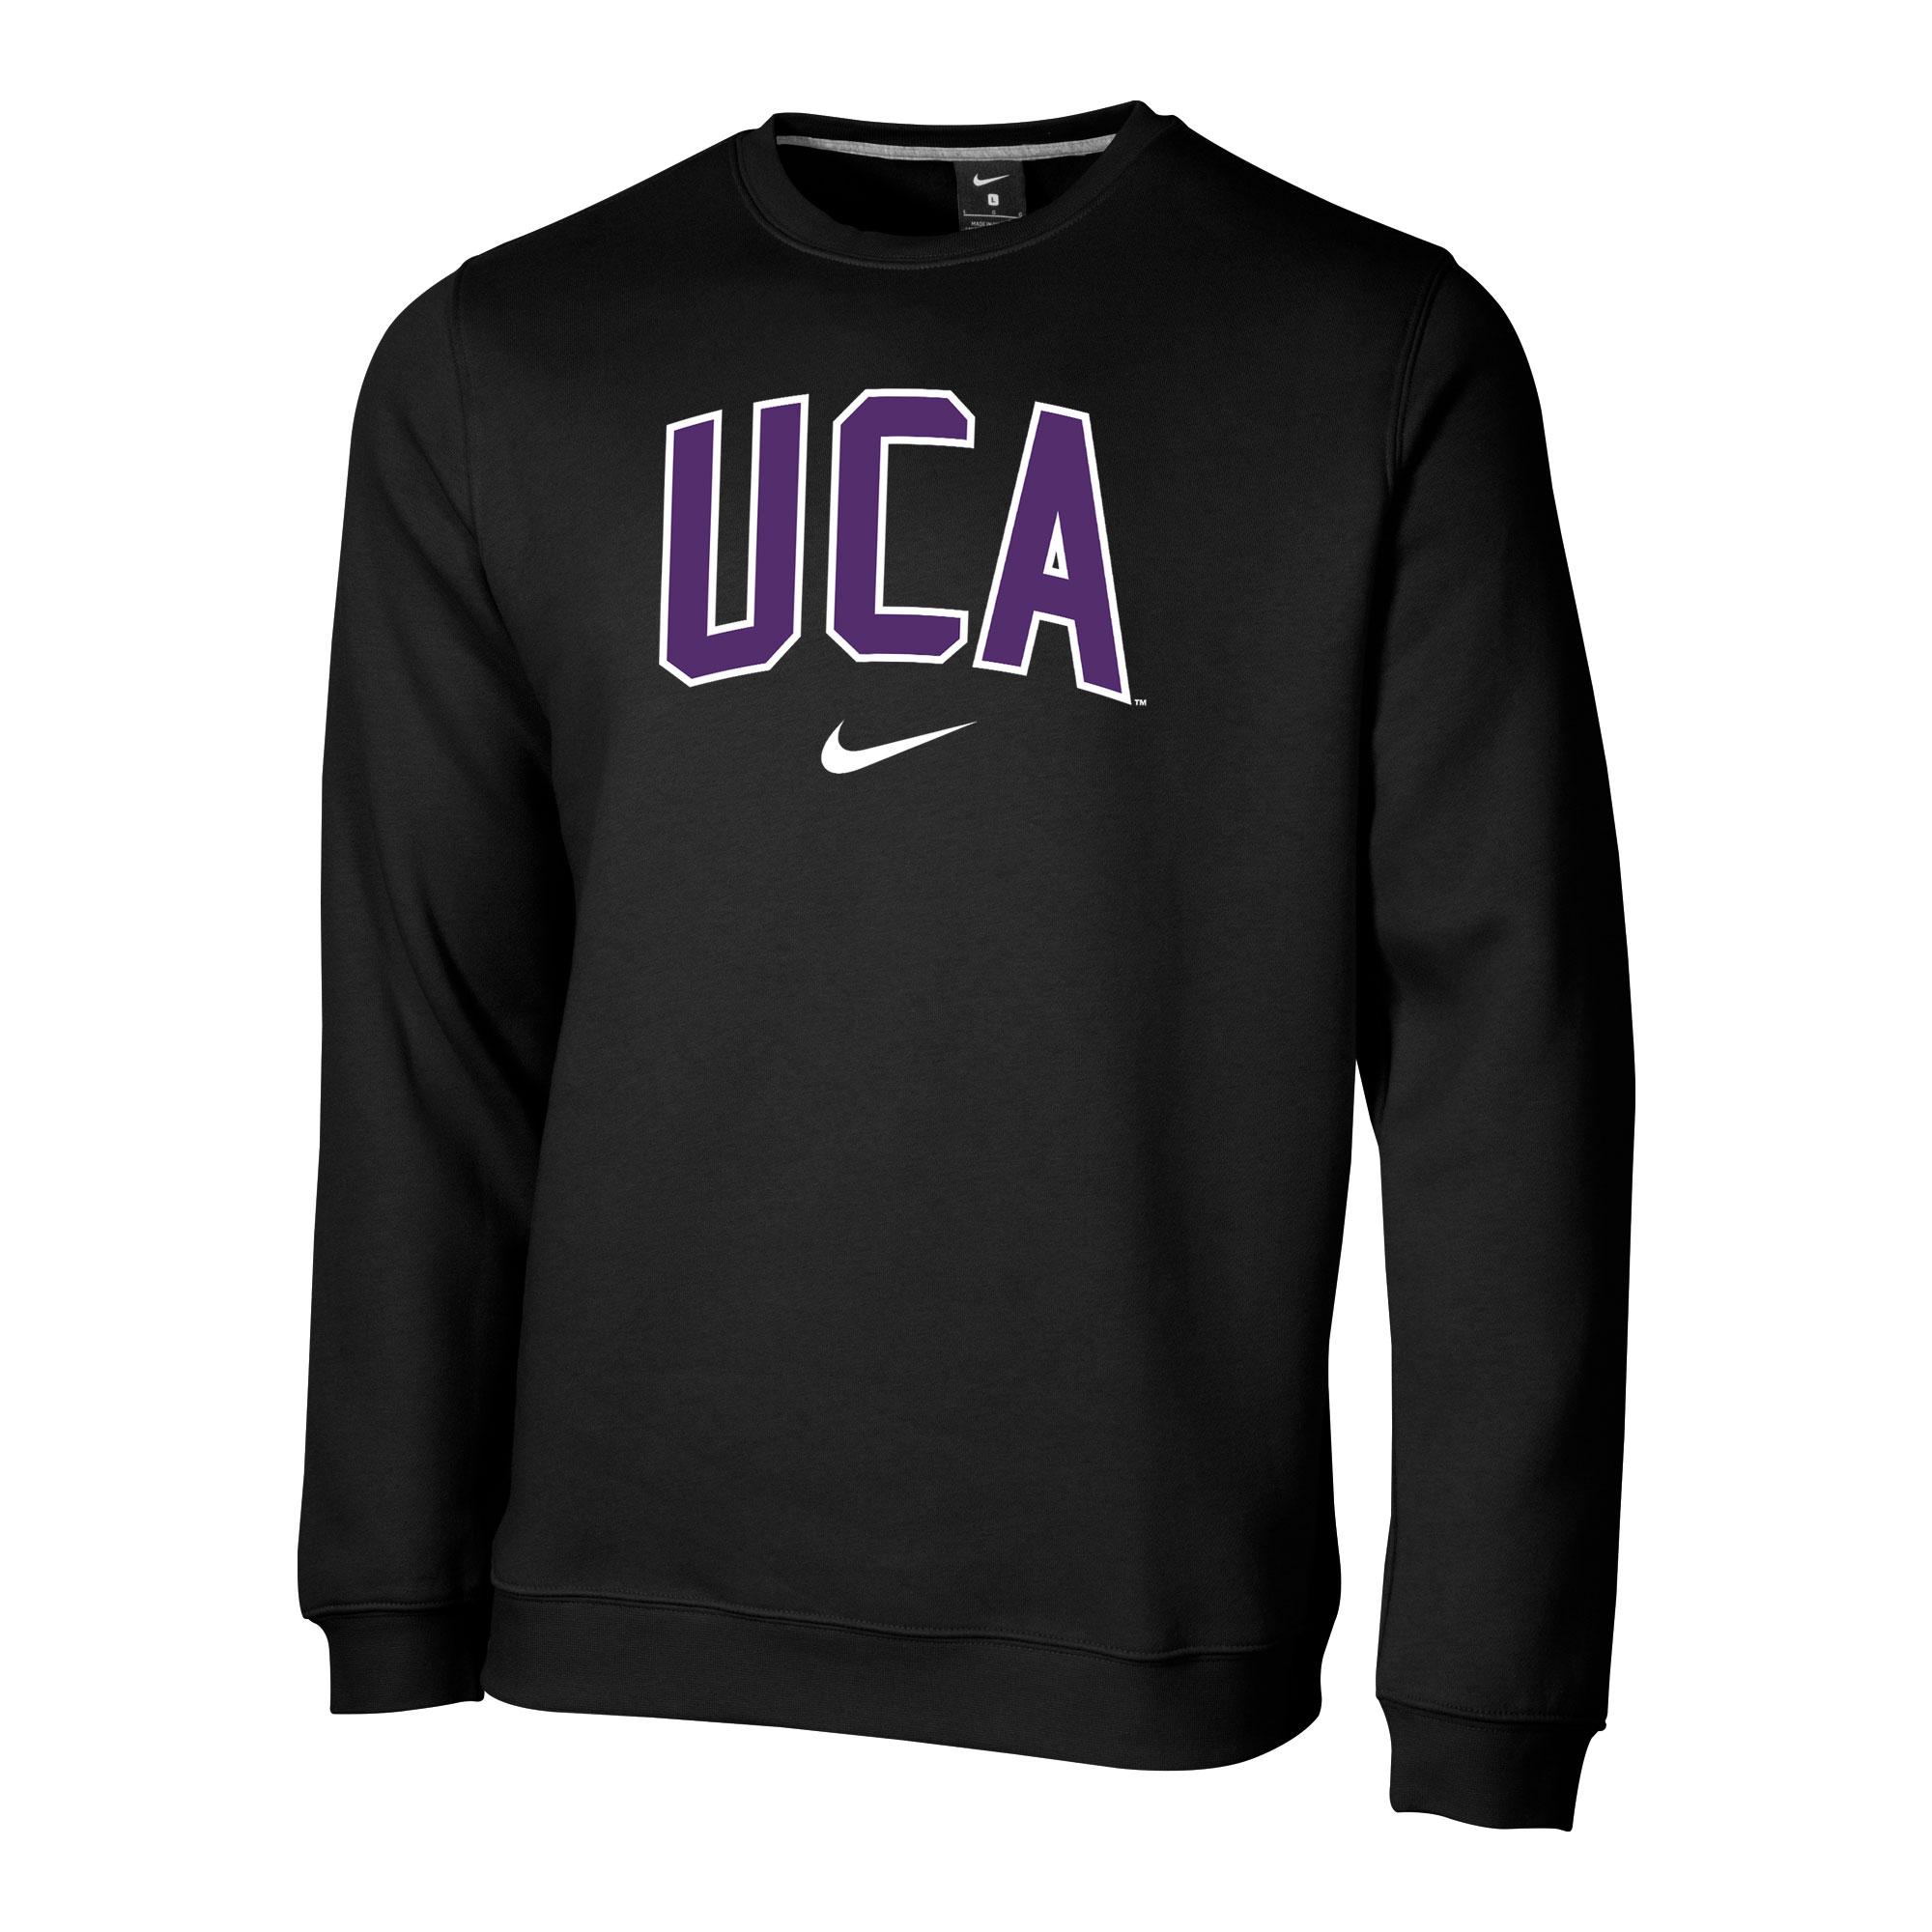 UCA Crew